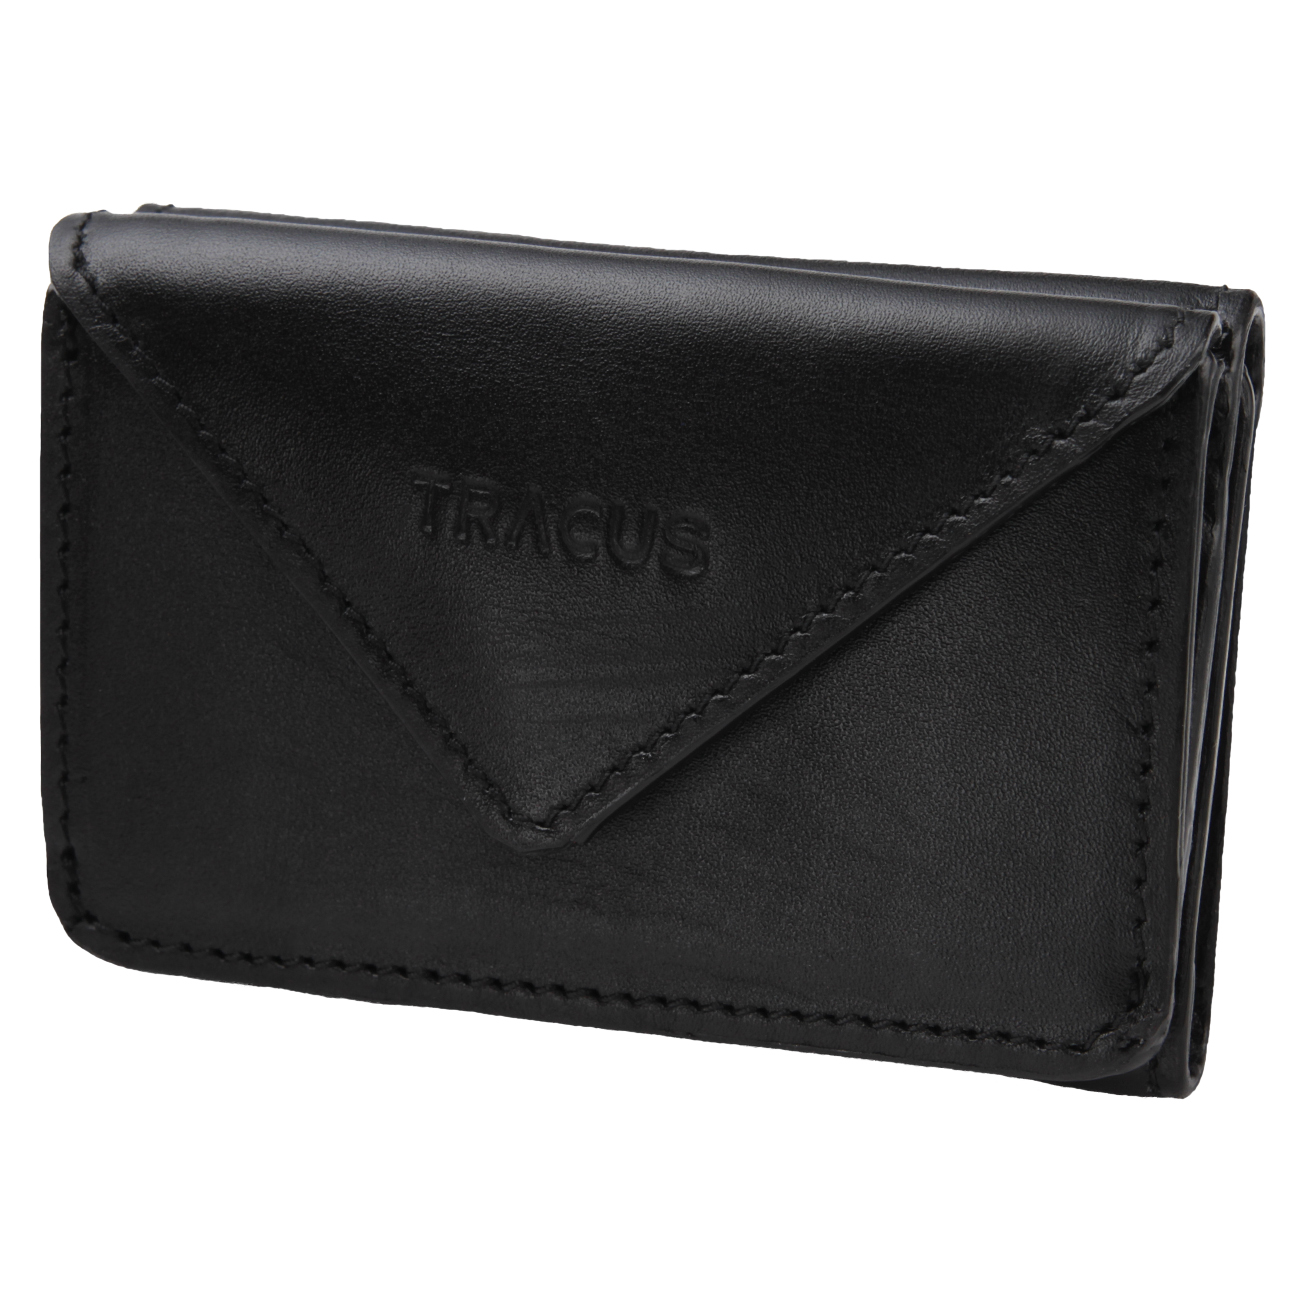 【TRACUS(トラッカス)】本革 三角三つ折り財布 ミニ財布 レディース メンズ